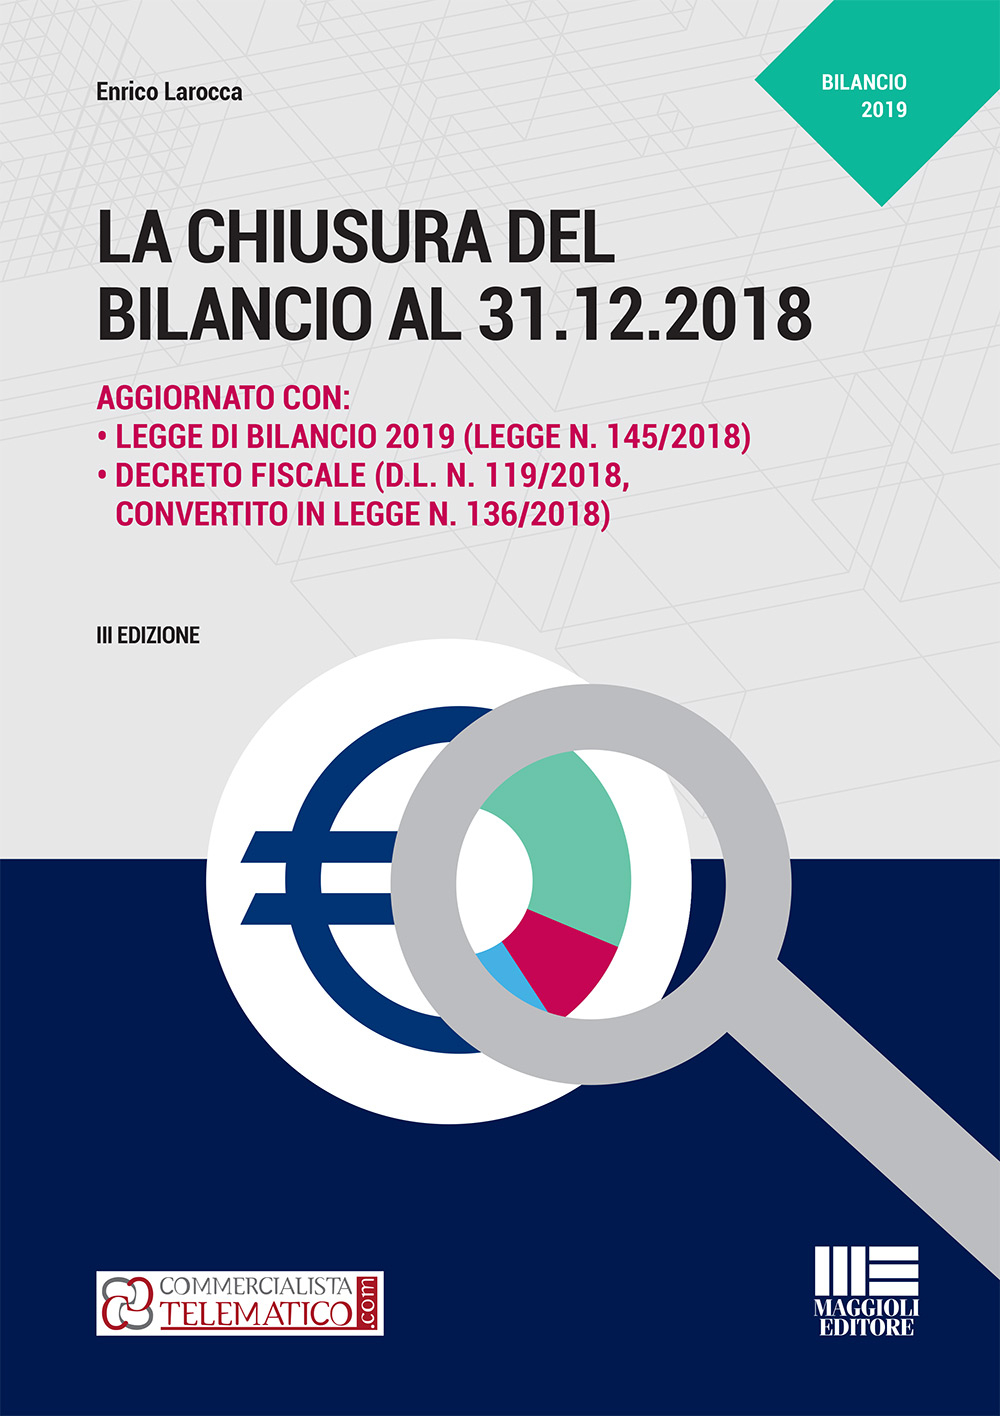 La chiusura del bilancio 31.12.2018 - Libro Carta